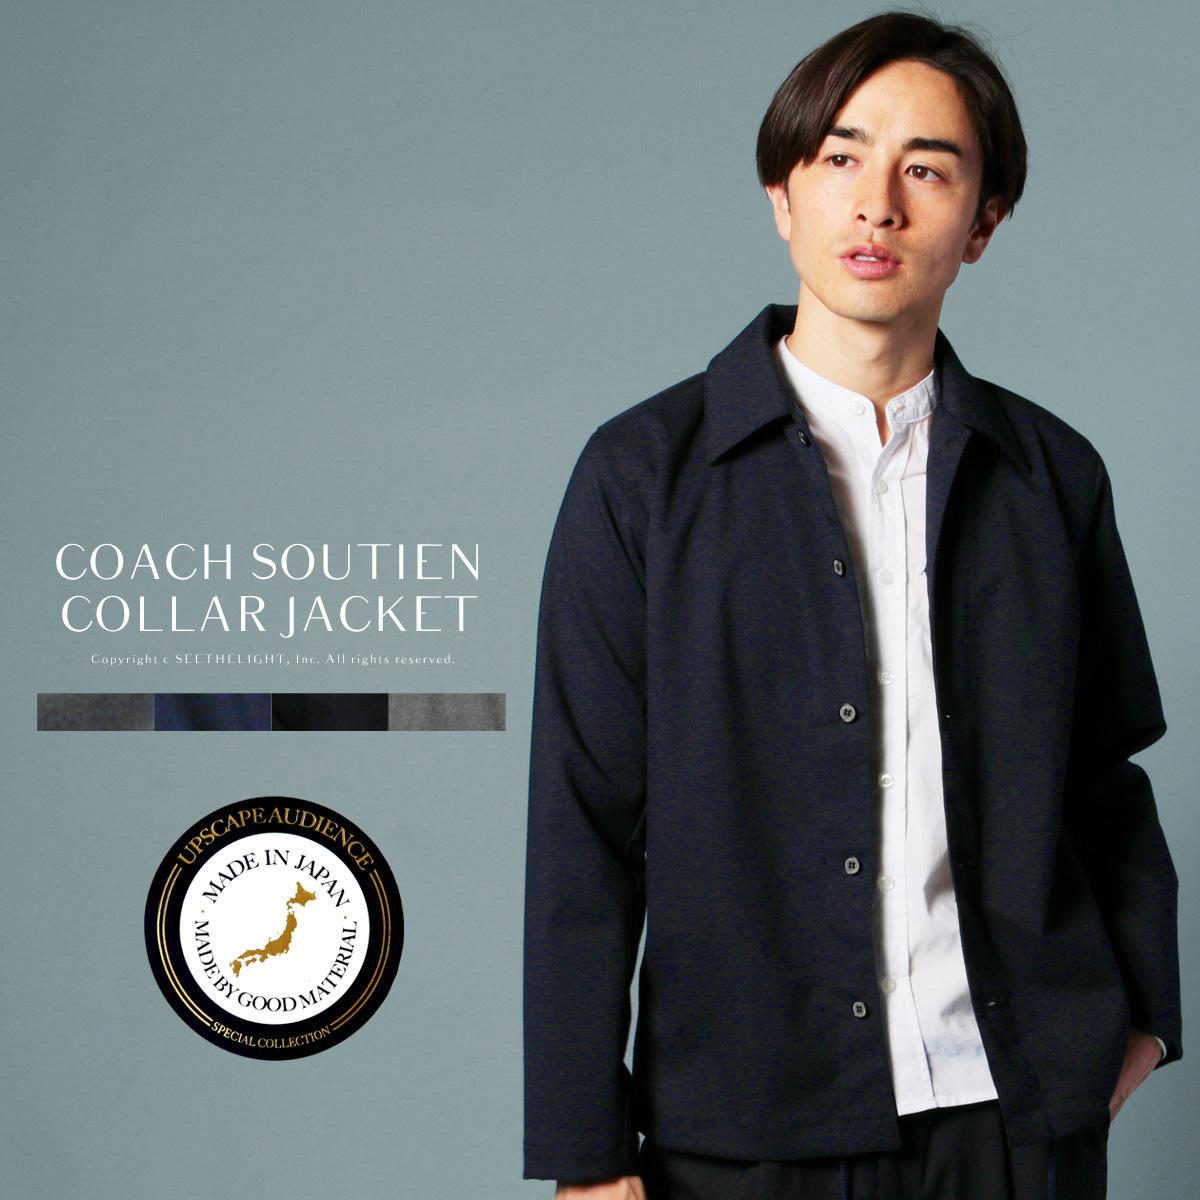 コーチジャケット メンズ ステンカラージャケット メンズファッション 日本製 ギャバジン ストレッチ コーチ ステンカラージャケット Upscape Audience アップスケープオーディエンス